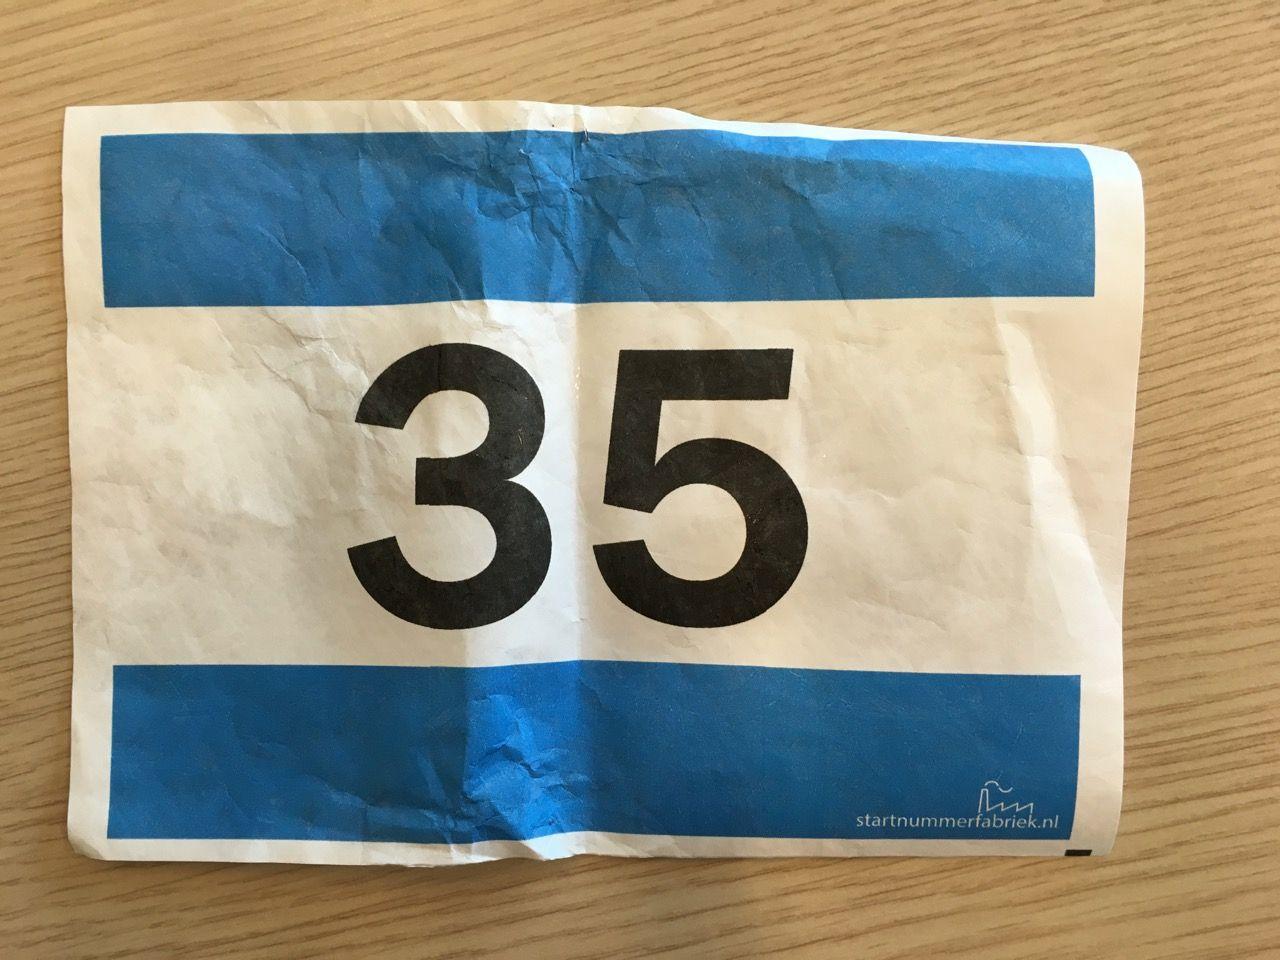 startnummer 35